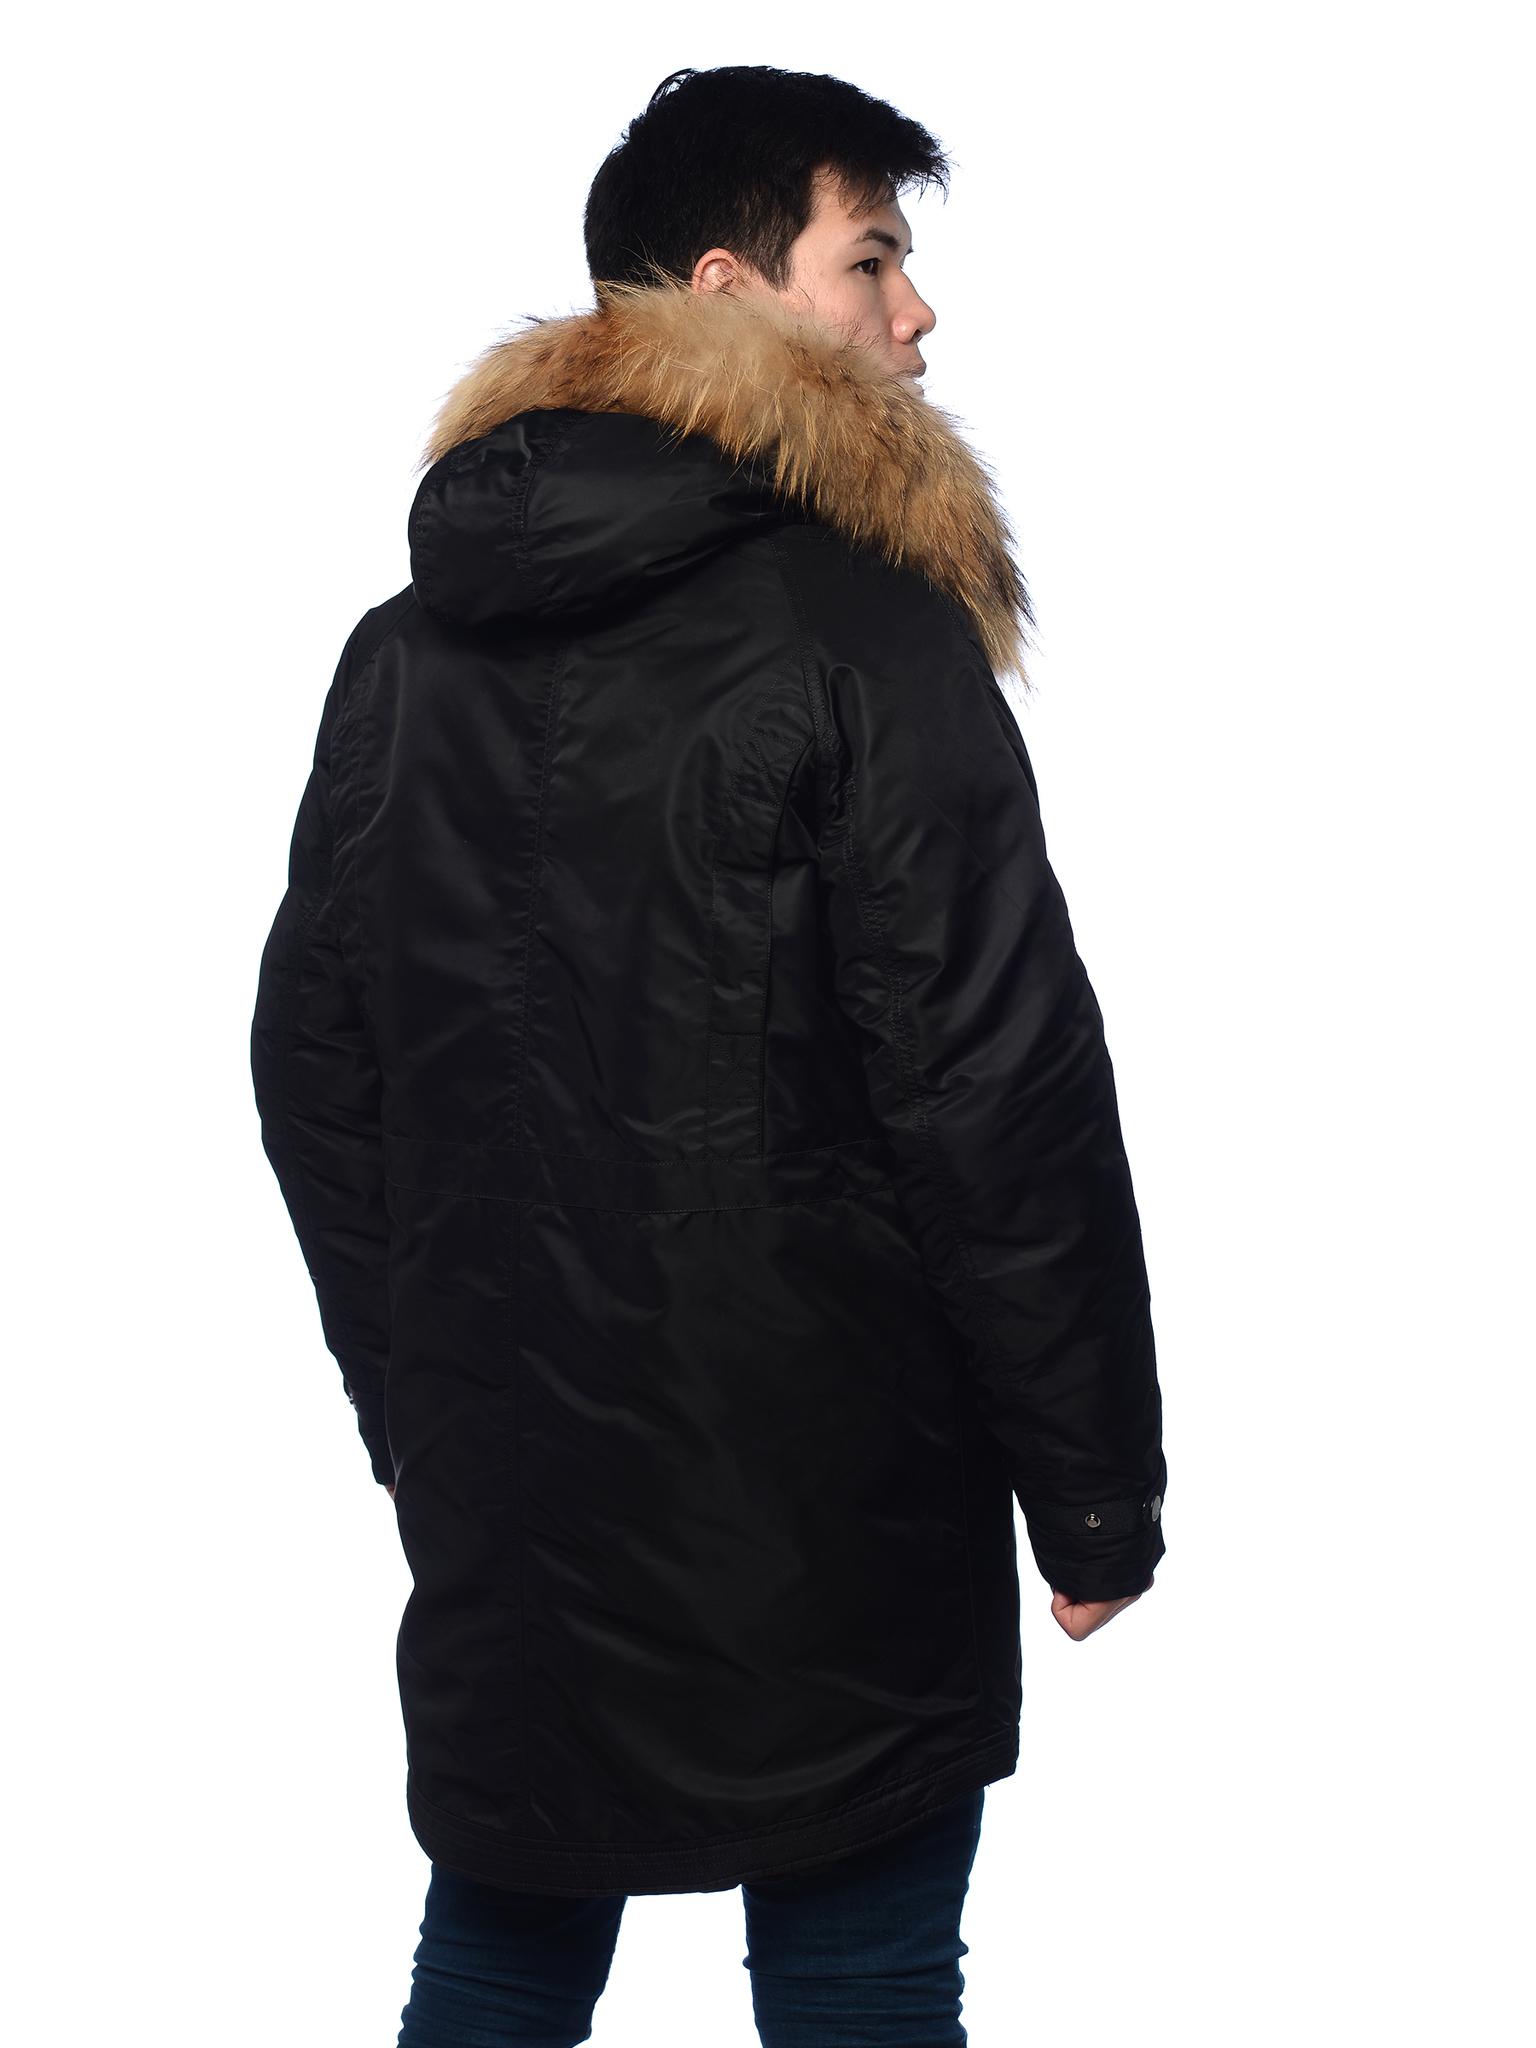 купить зимнюю куртку в Хабаровске